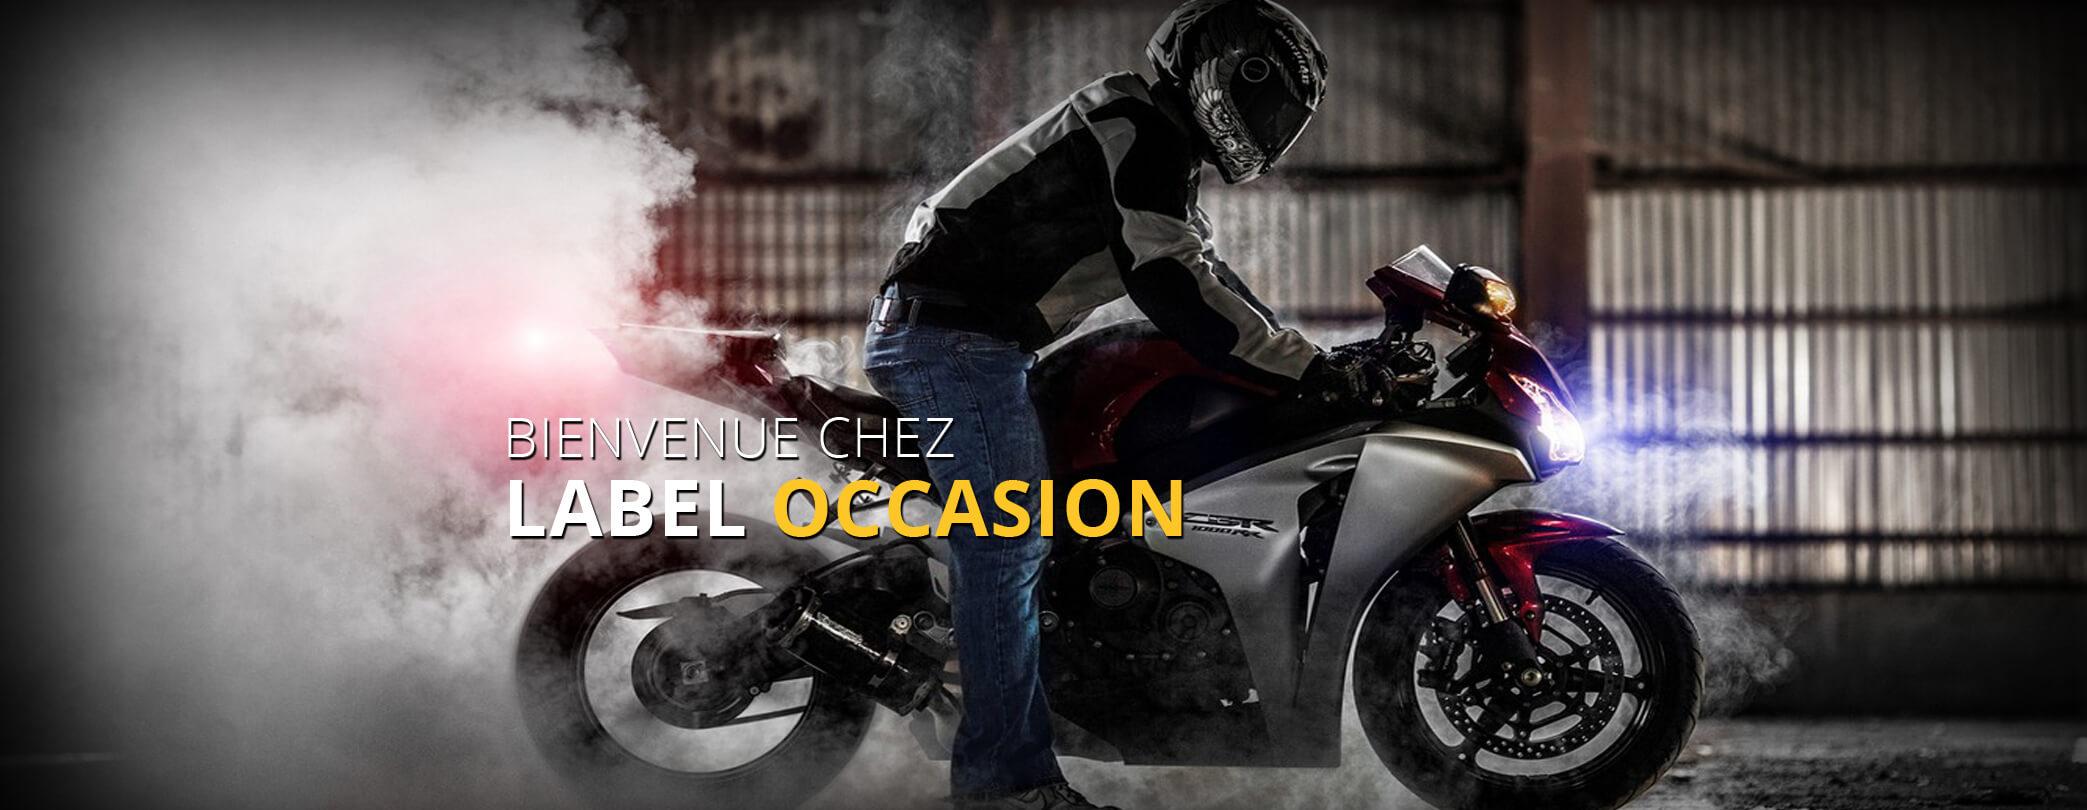 label occasion moto d 39 occasion lyon moto occasion rh ne 69. Black Bedroom Furniture Sets. Home Design Ideas